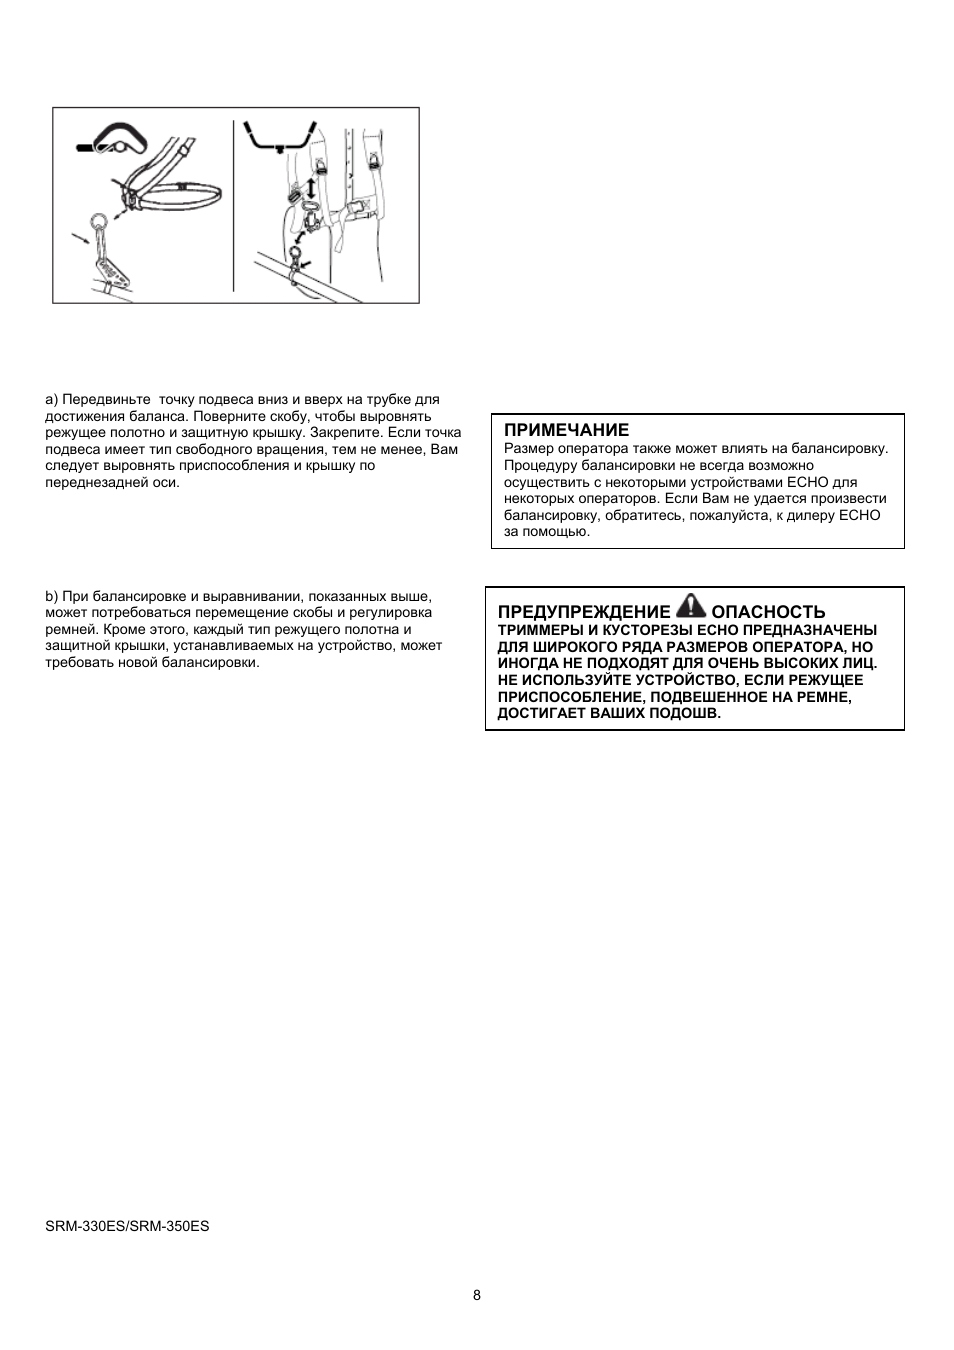 инструкция по эксплуатации триммера echo 350